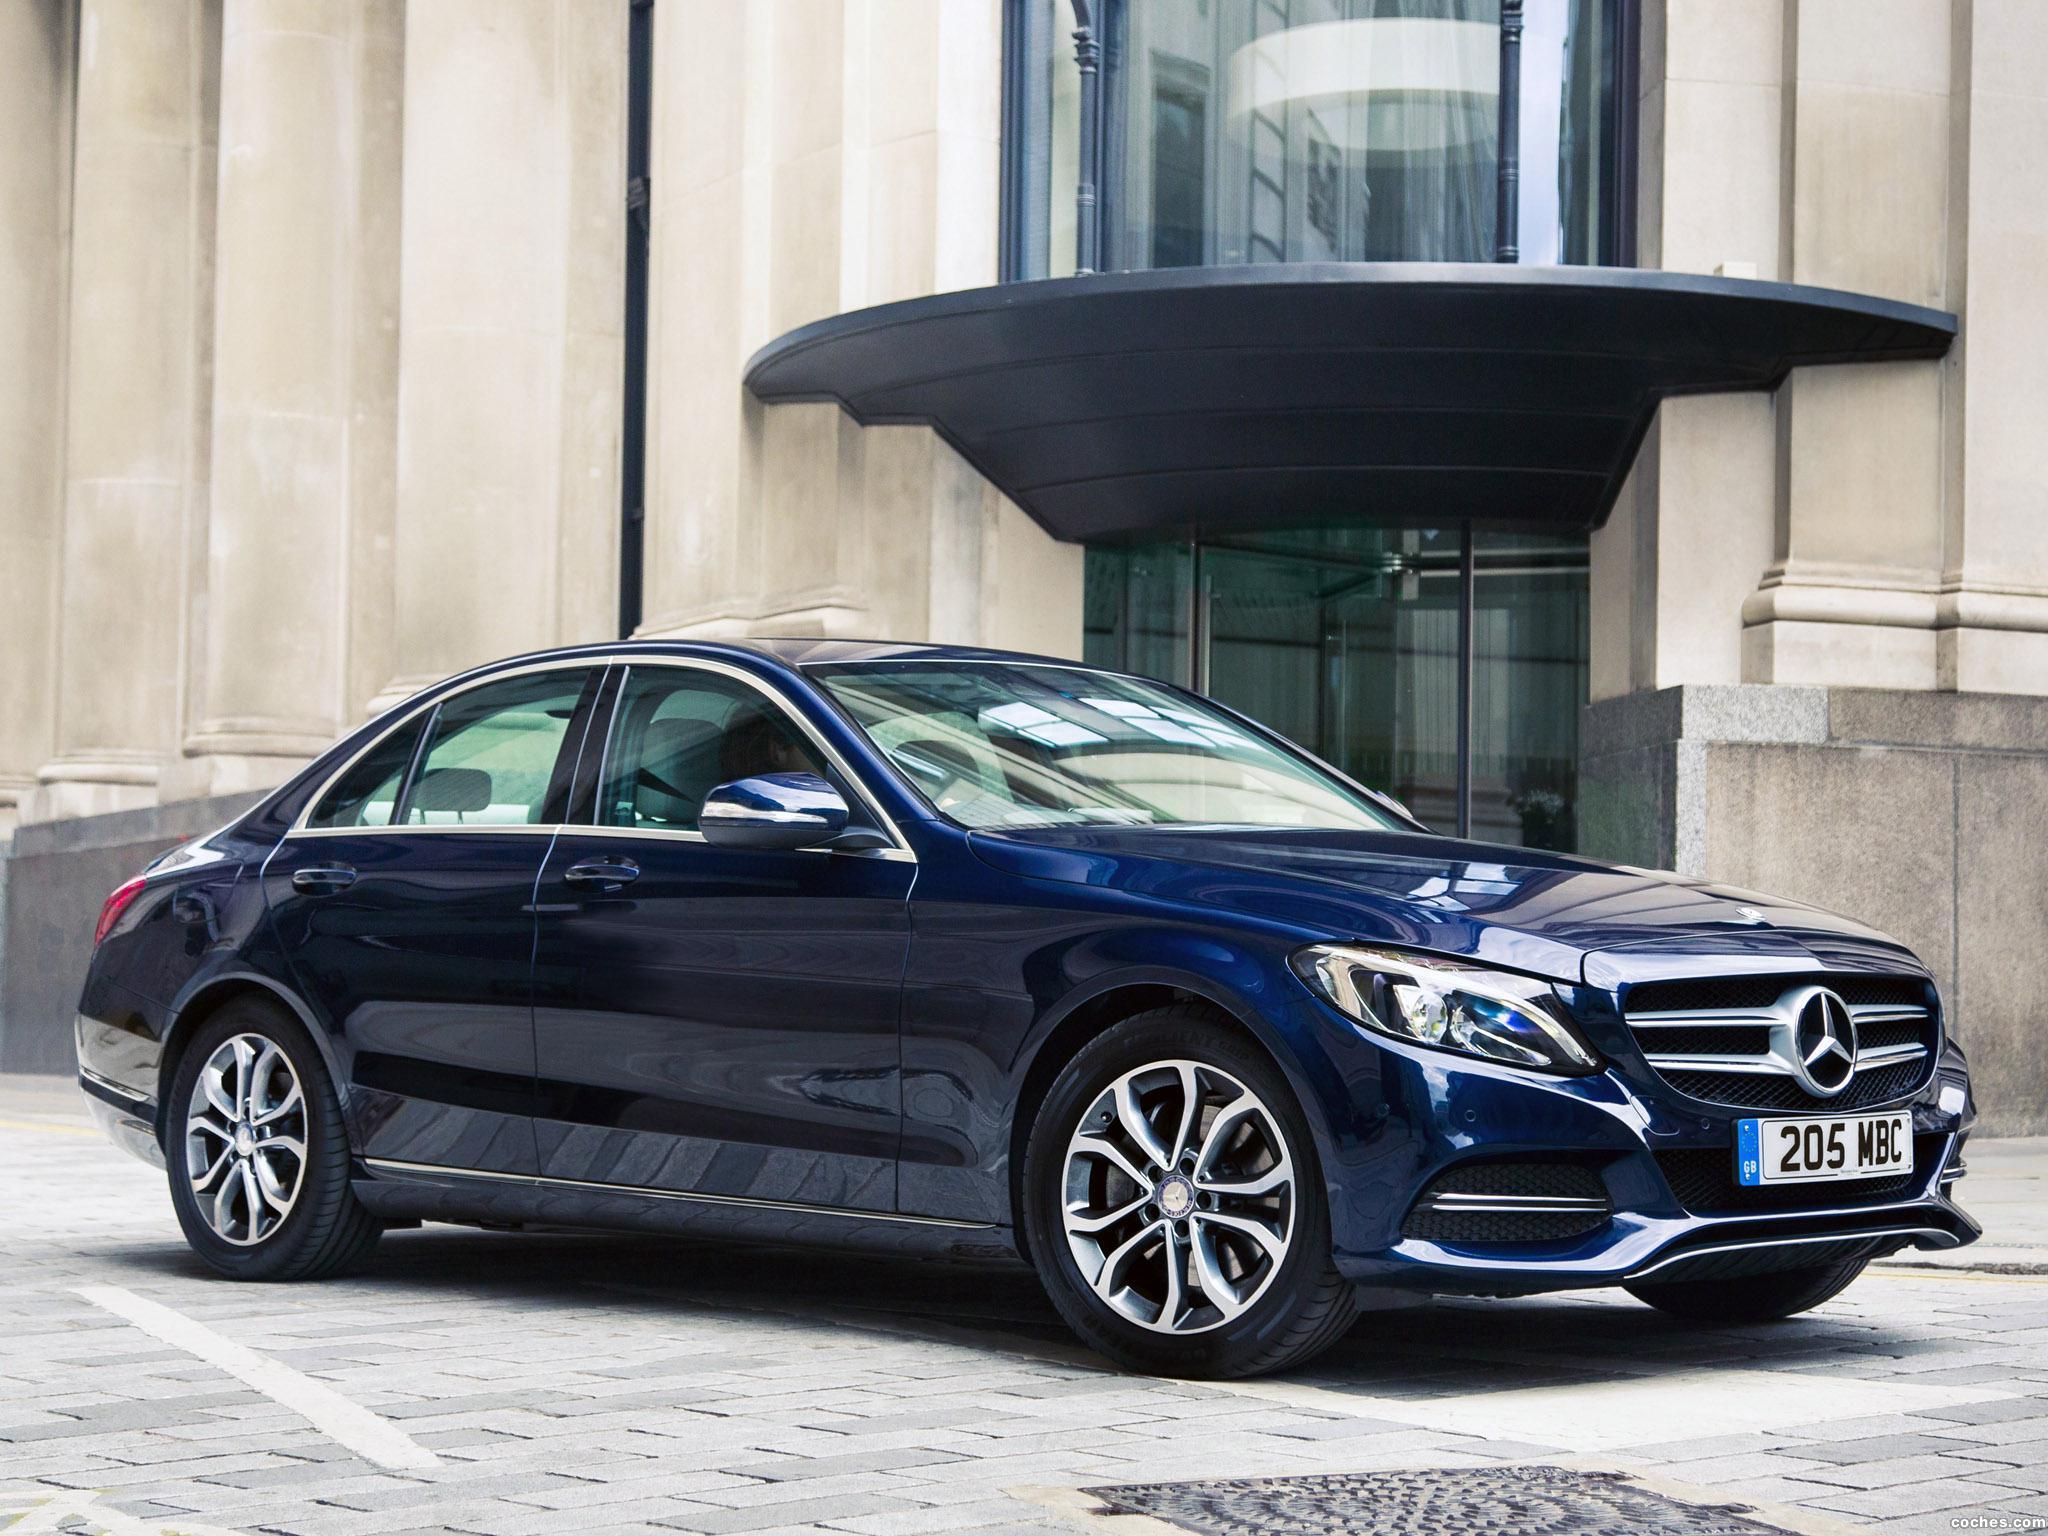 Foto 0 de Mercedes Clase C C250 BlueTec Avantgarde Line W205 UK 2014